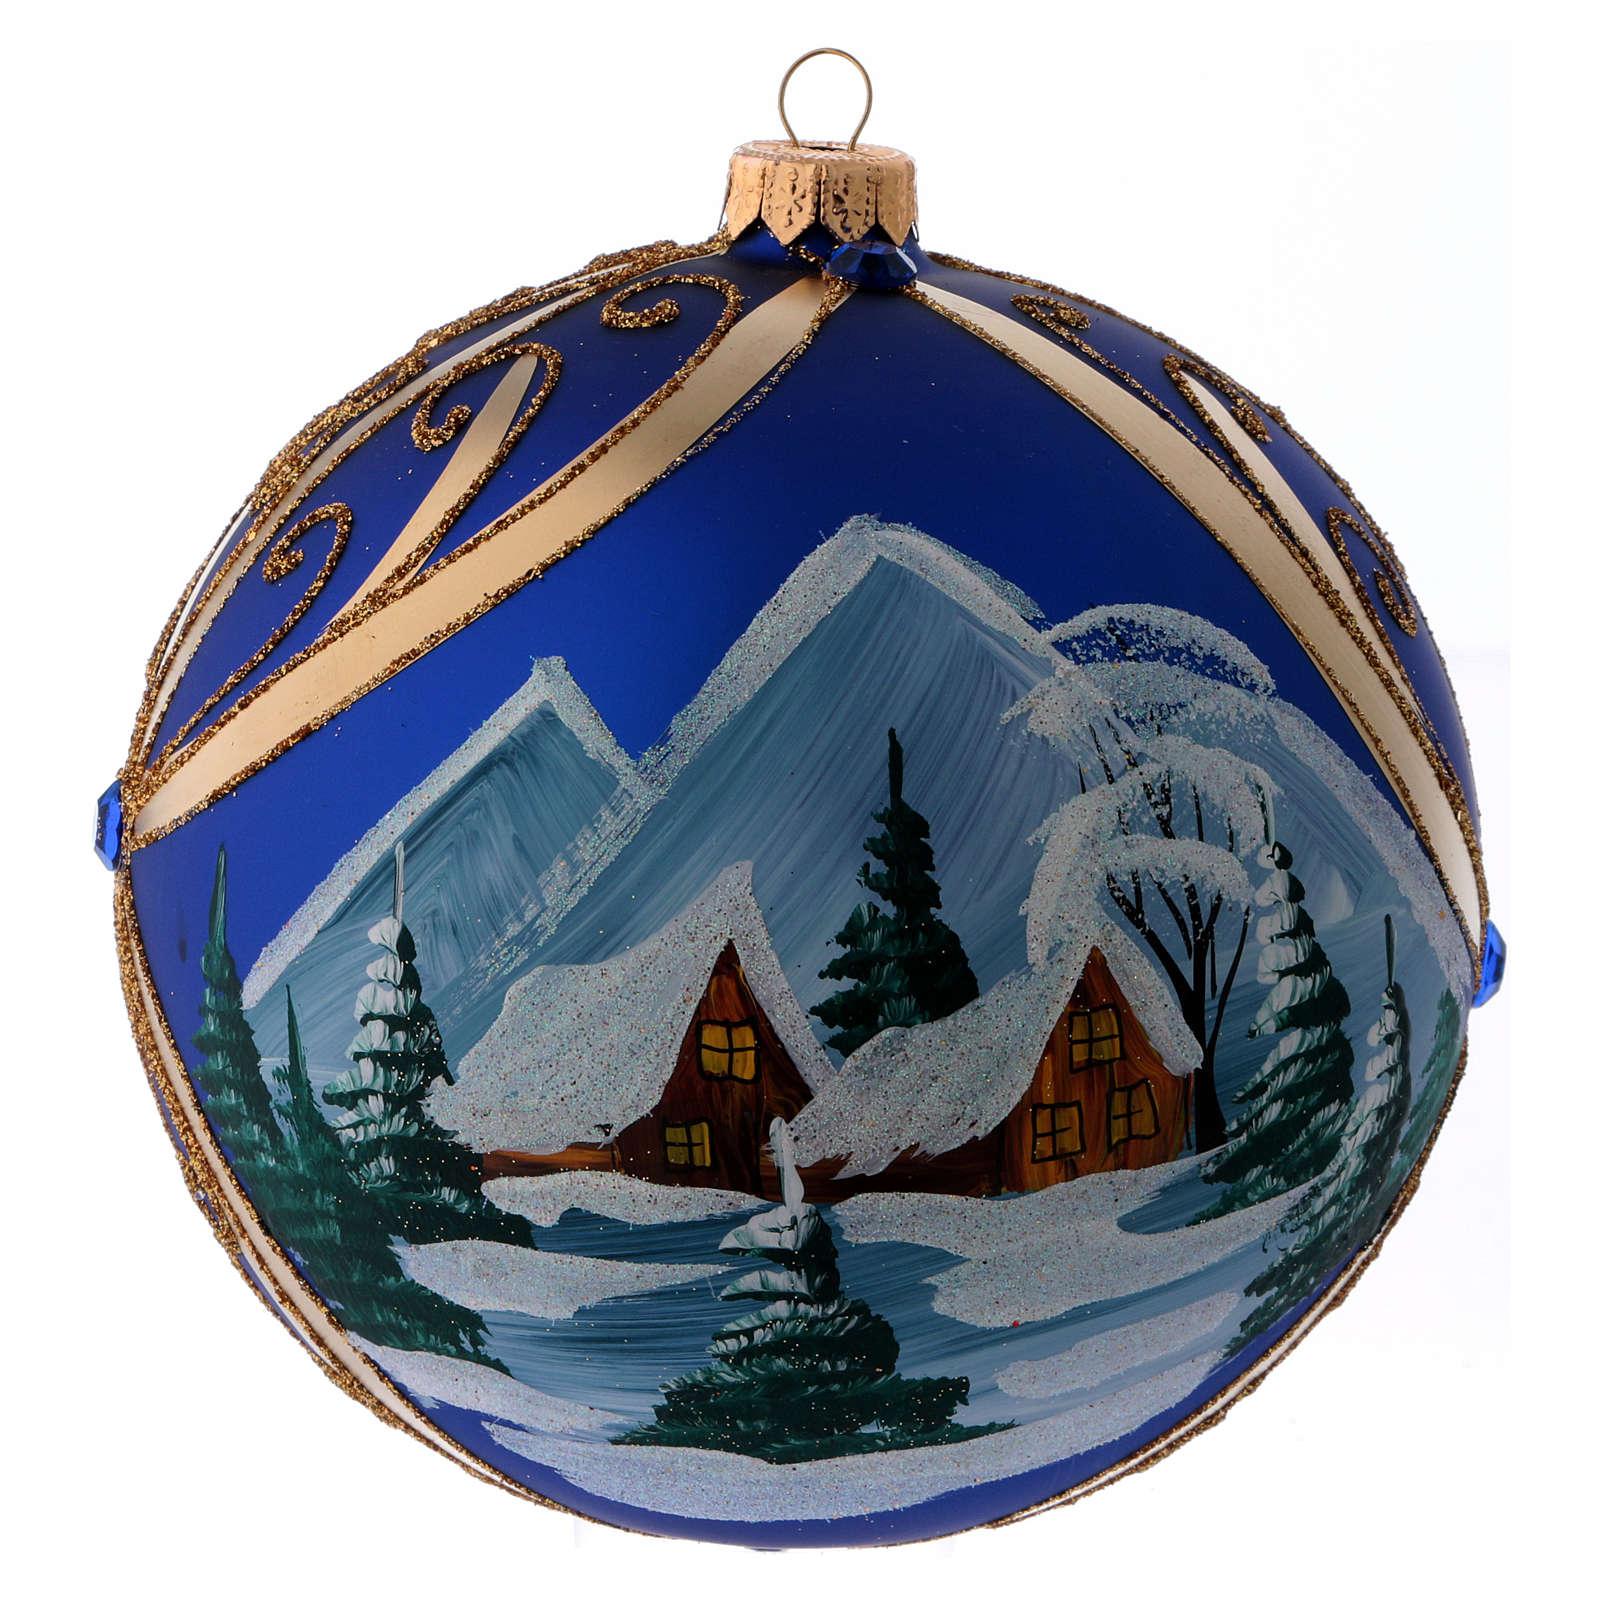 Boule de Noël verre bleu paysage enneigé dans cadre doré 150 mm 4